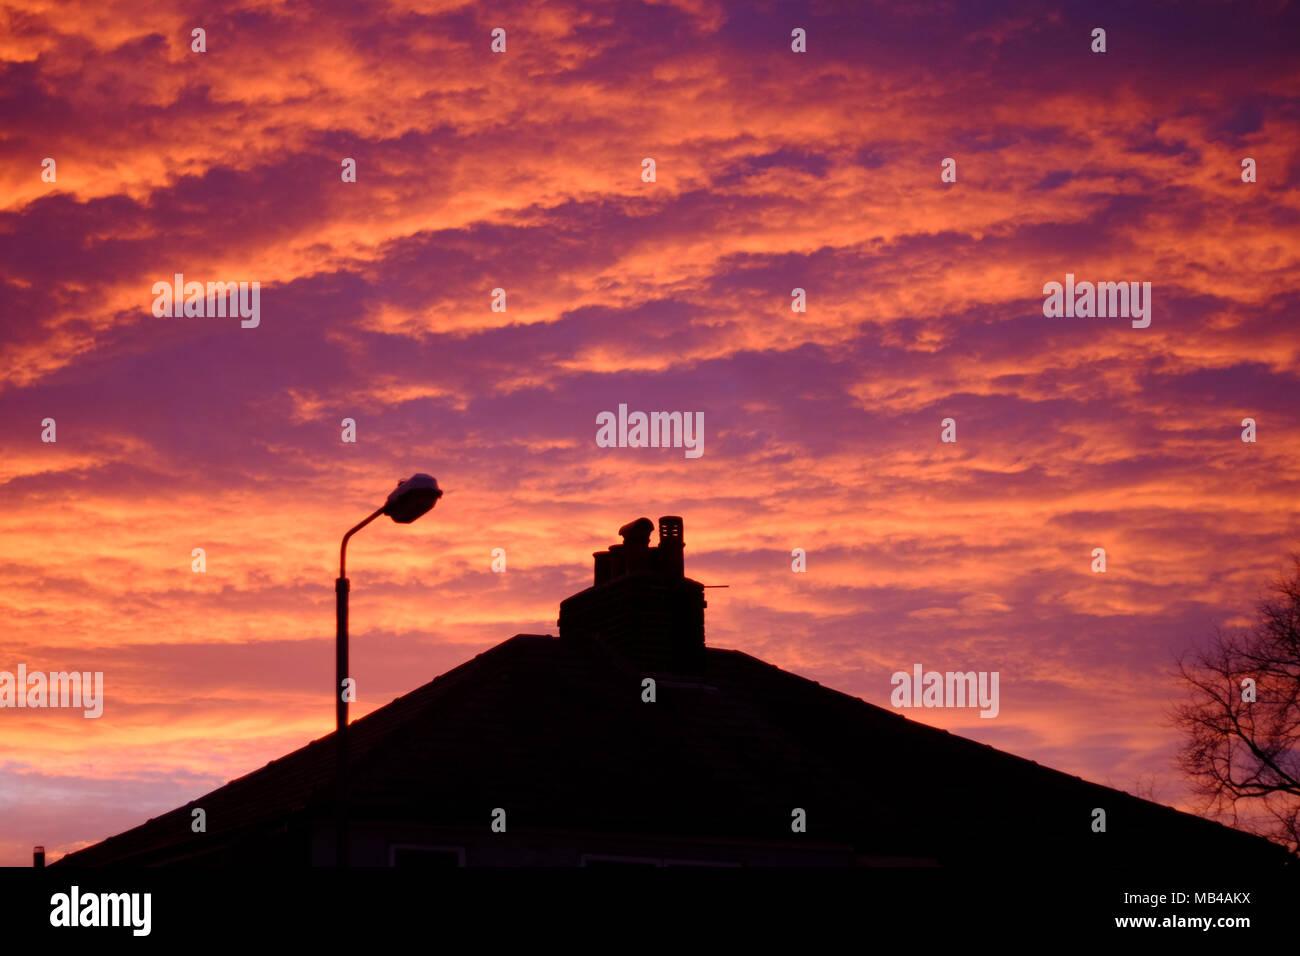 Cielo Rosso Di Notte.St Helens Regno Unito 6 Apr 2018 Regno Unito Meteo Nonostante